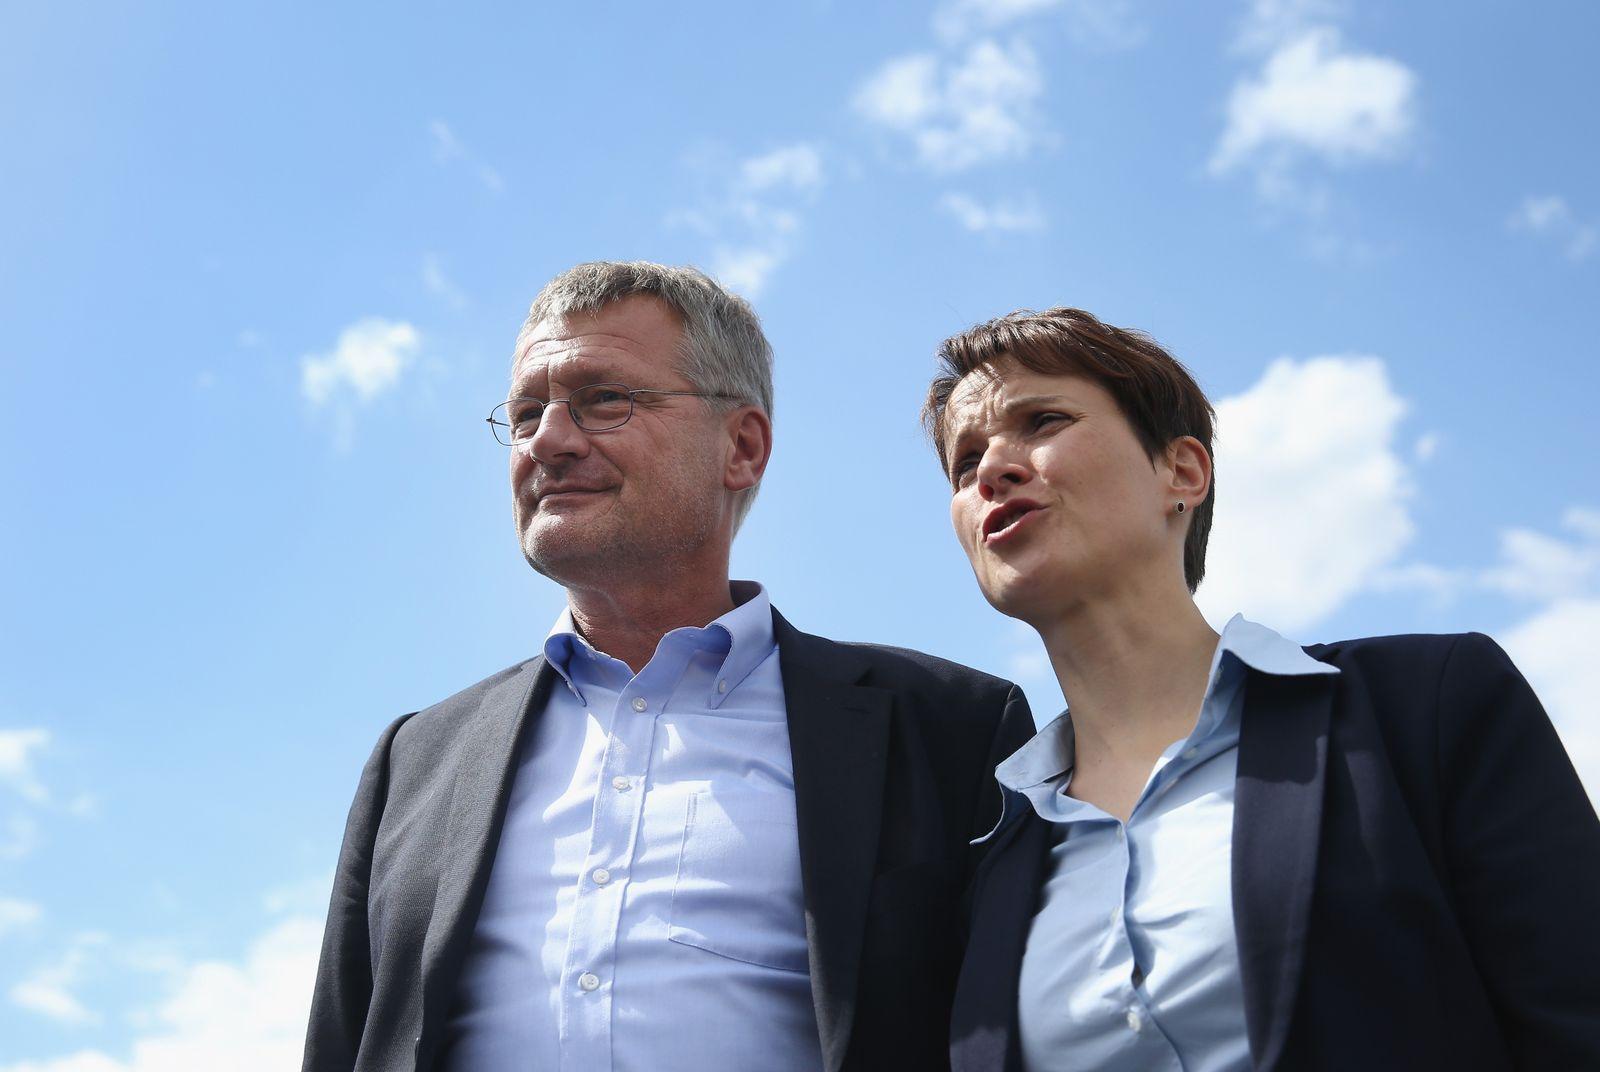 Joerg Meuthen / Frauke Petry